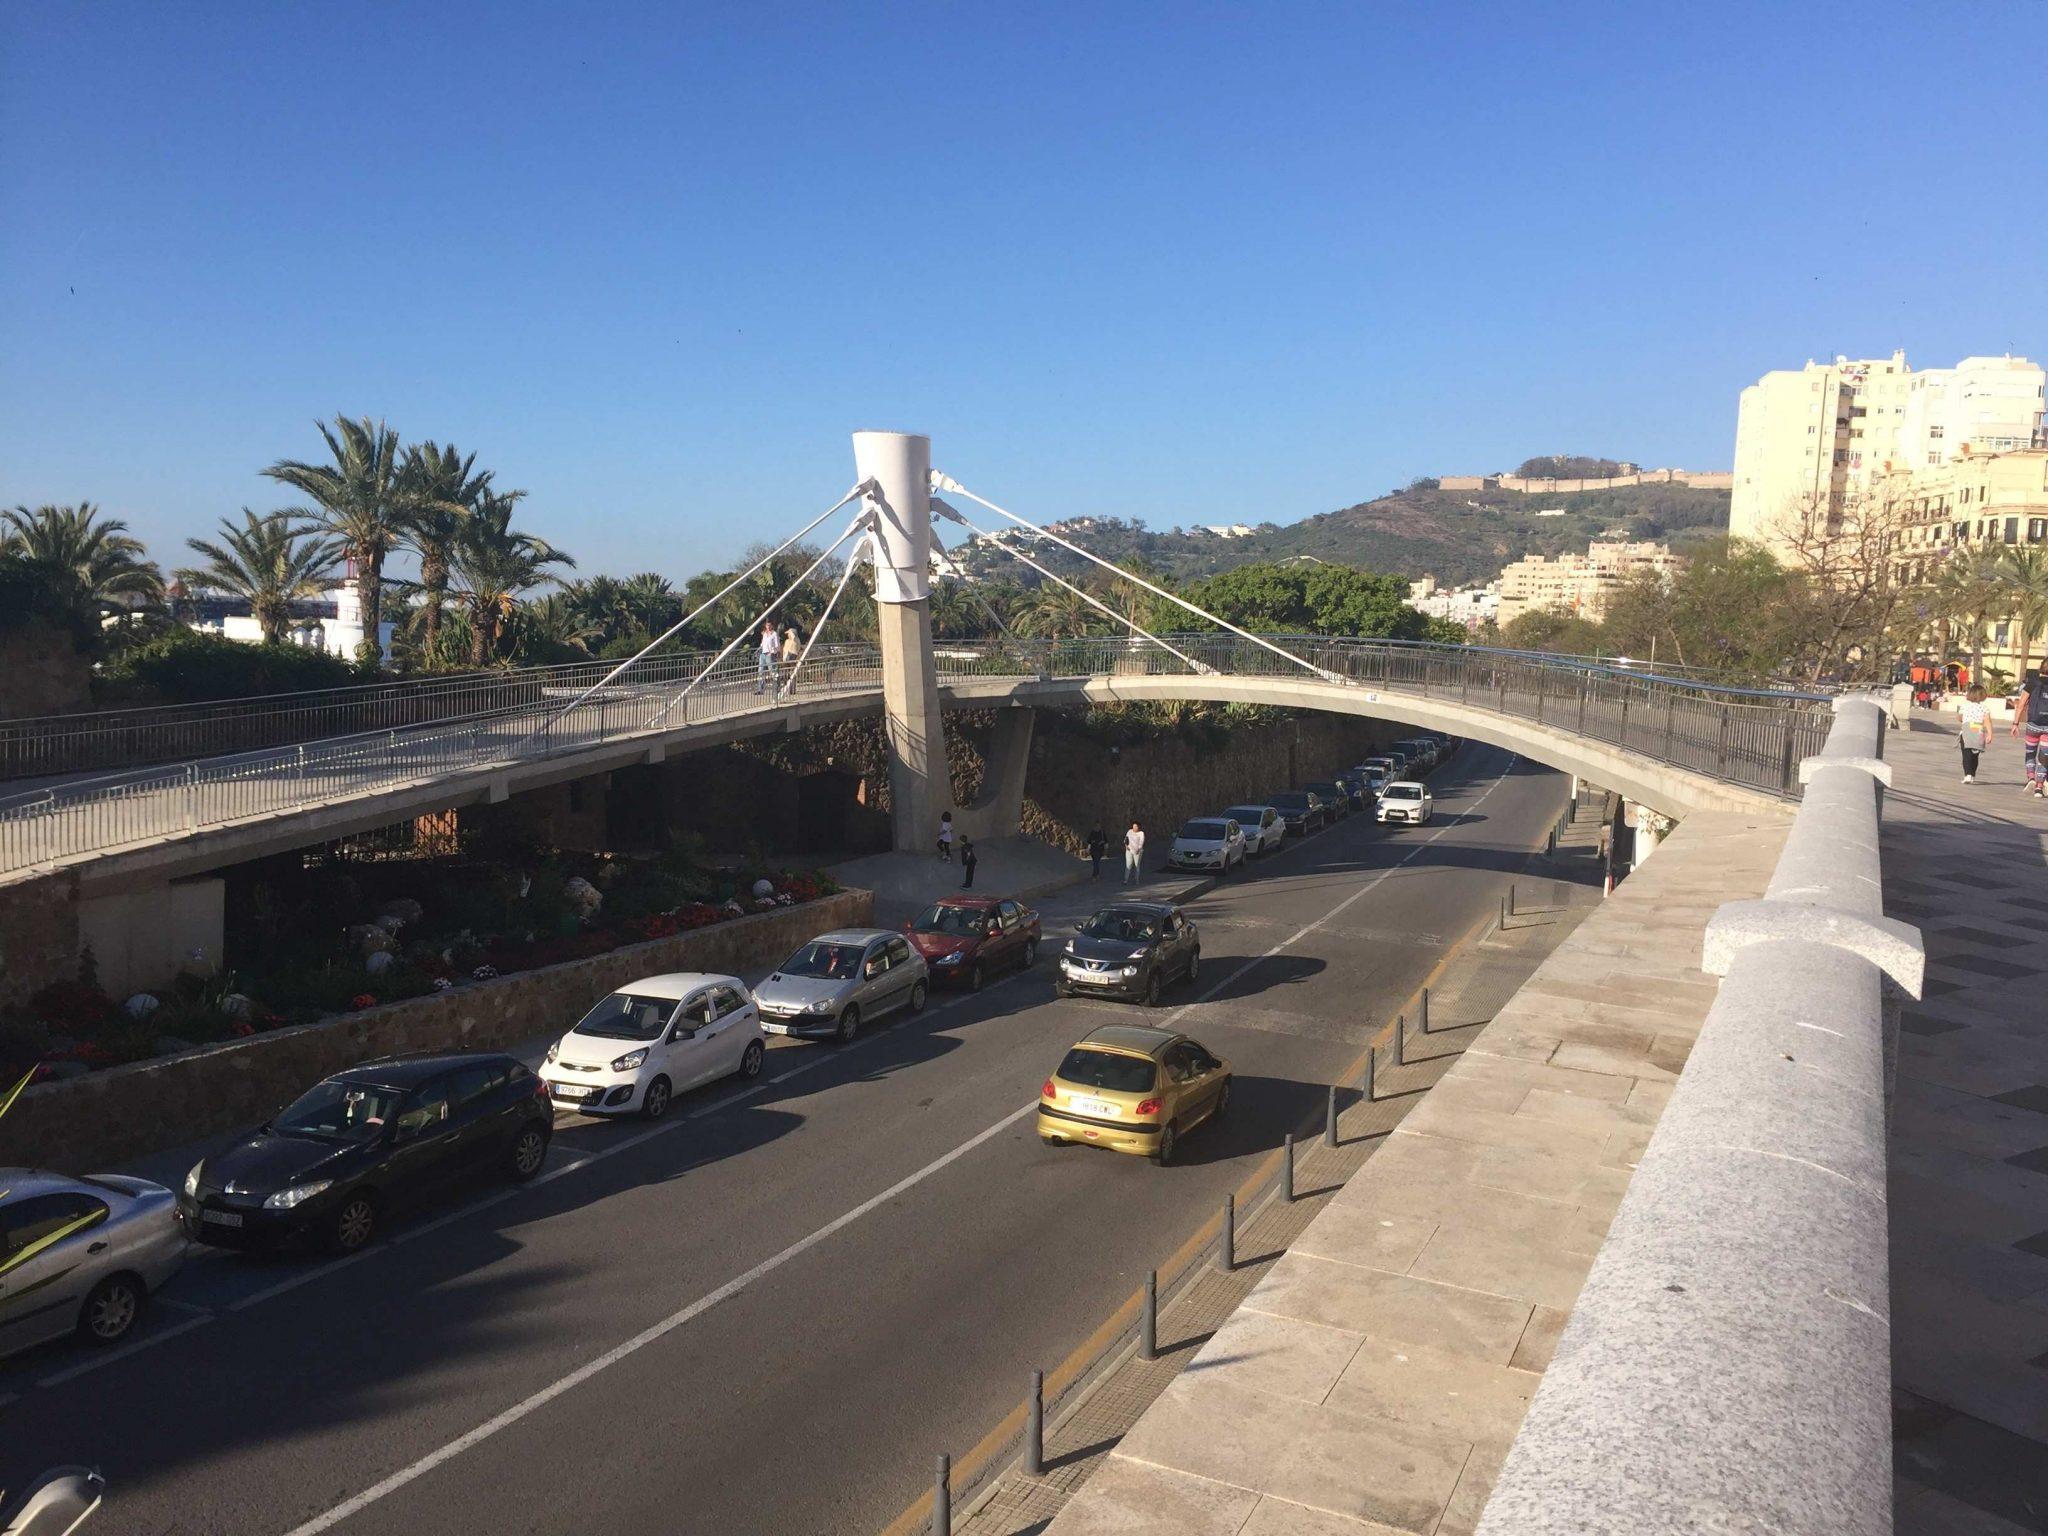 Urbanización -Proyecon Galicia, S.A. - Conservación, mantenimiento y mejoras en accesibilidad en el Paseo de la Marina Española en Ceuta